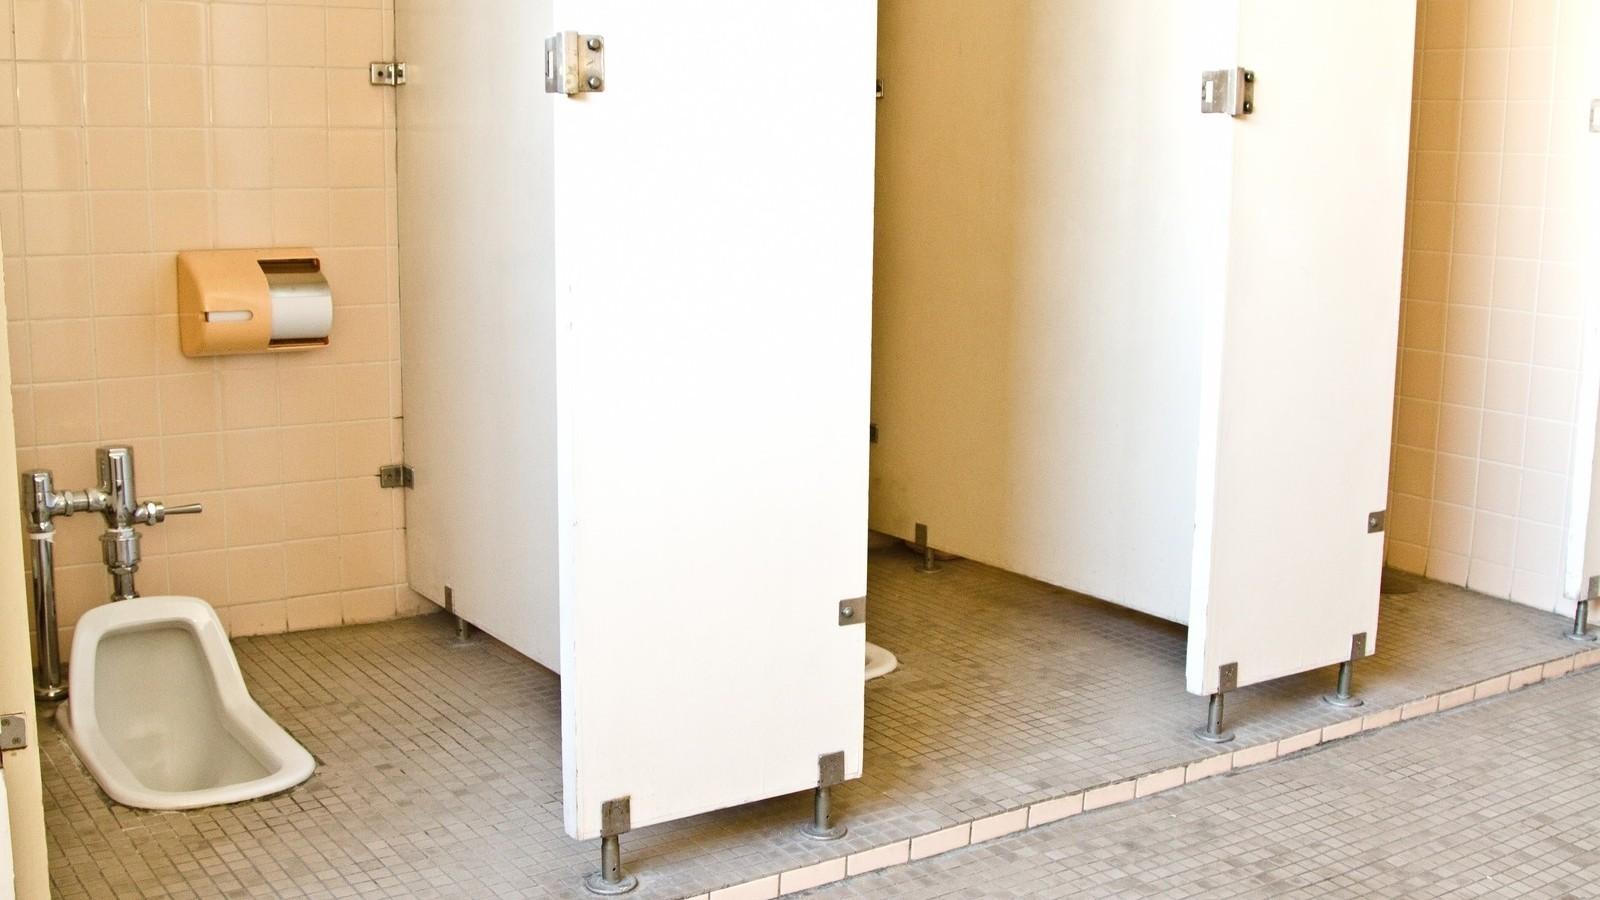 ▲廁所,公共廁所,顯圖。(圖/取自免費圖庫Pakutaso)